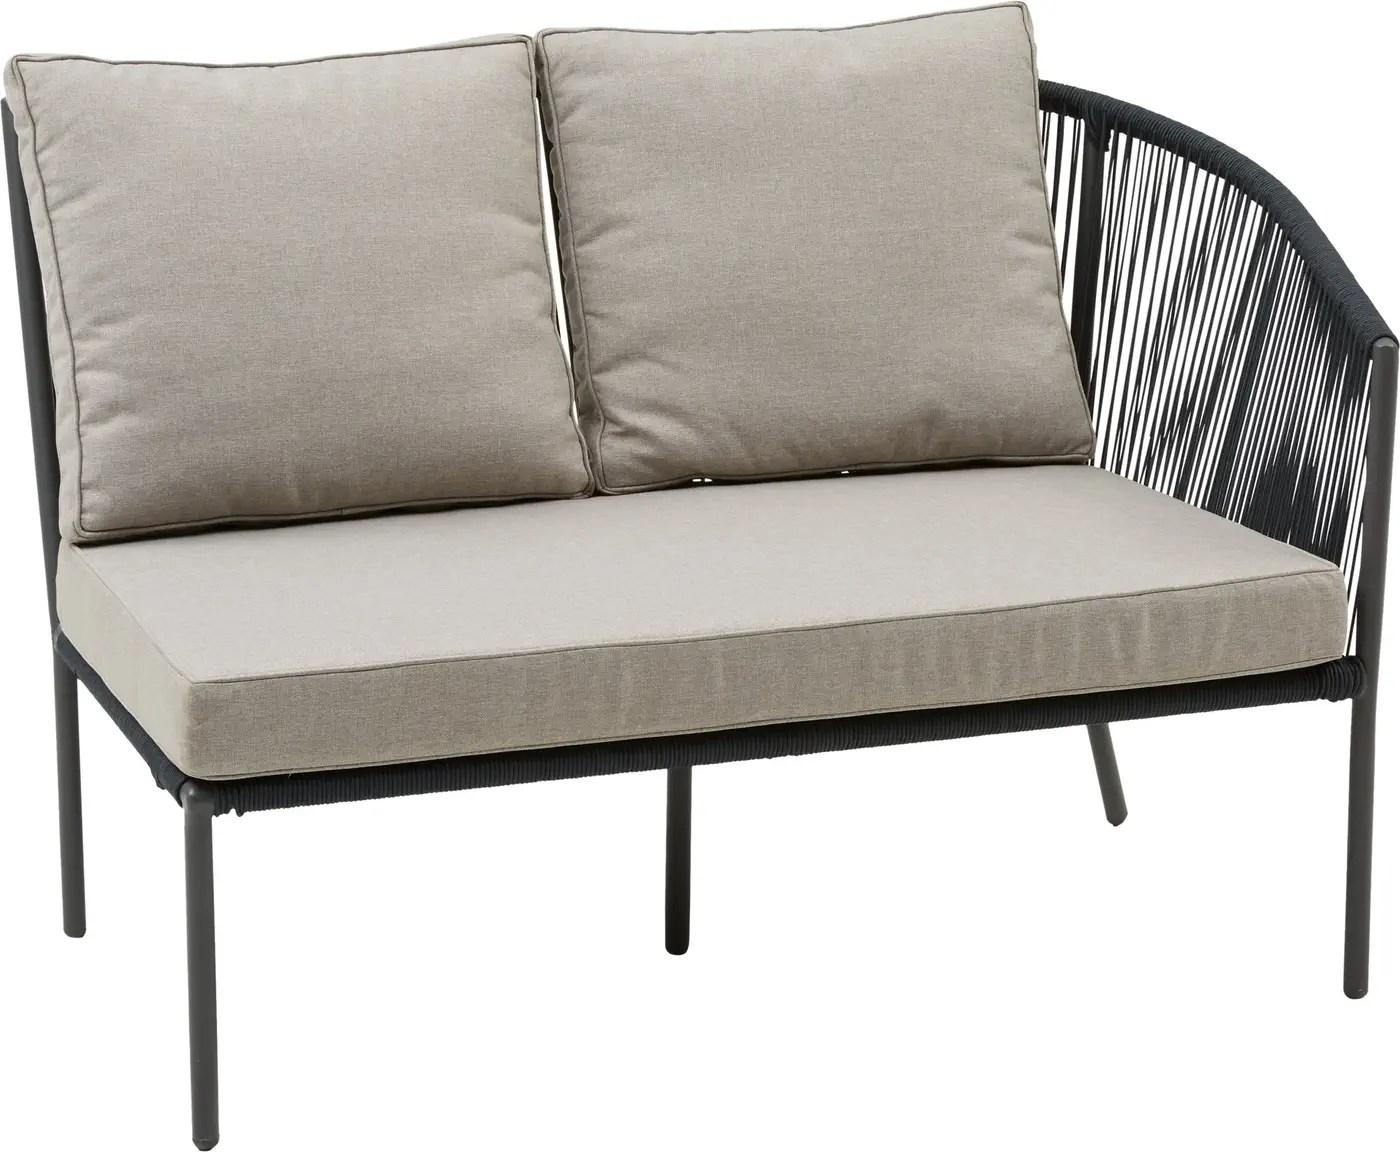 Rattan Lounge Migros Set Grau Affordable Badteppich With Set Grau